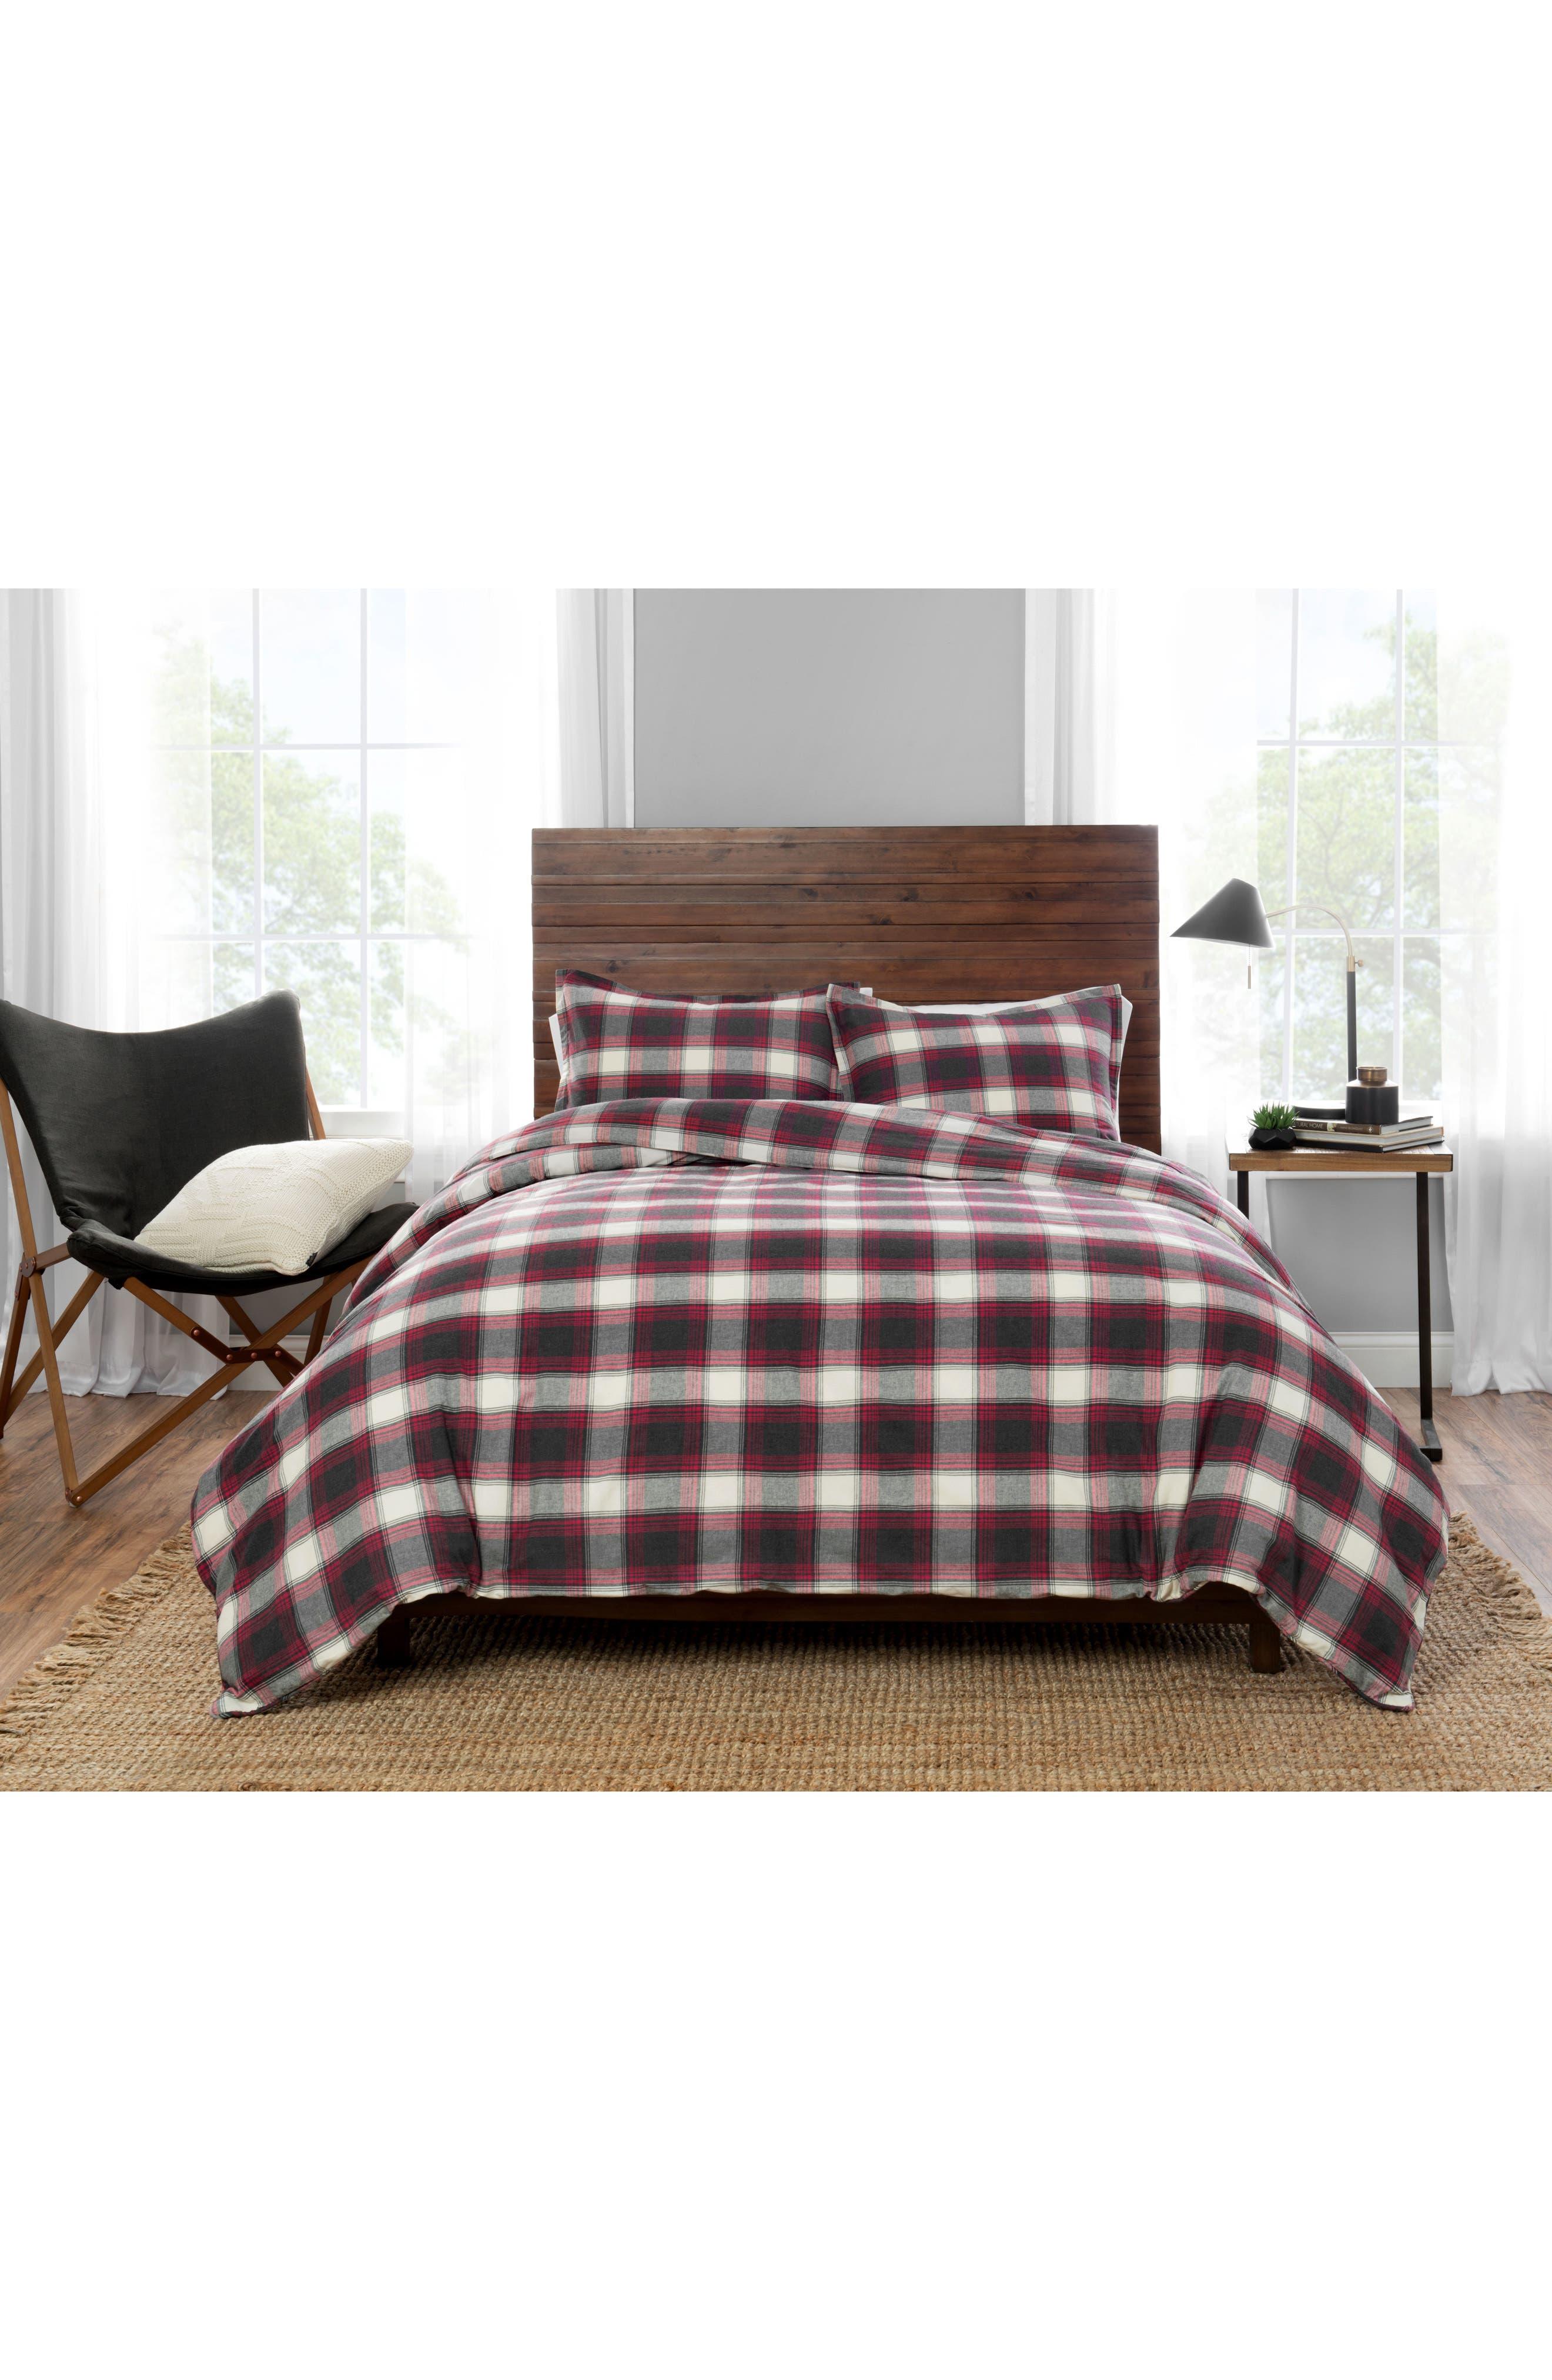 Pendleton Fern Ridge Comforter & Sham Set